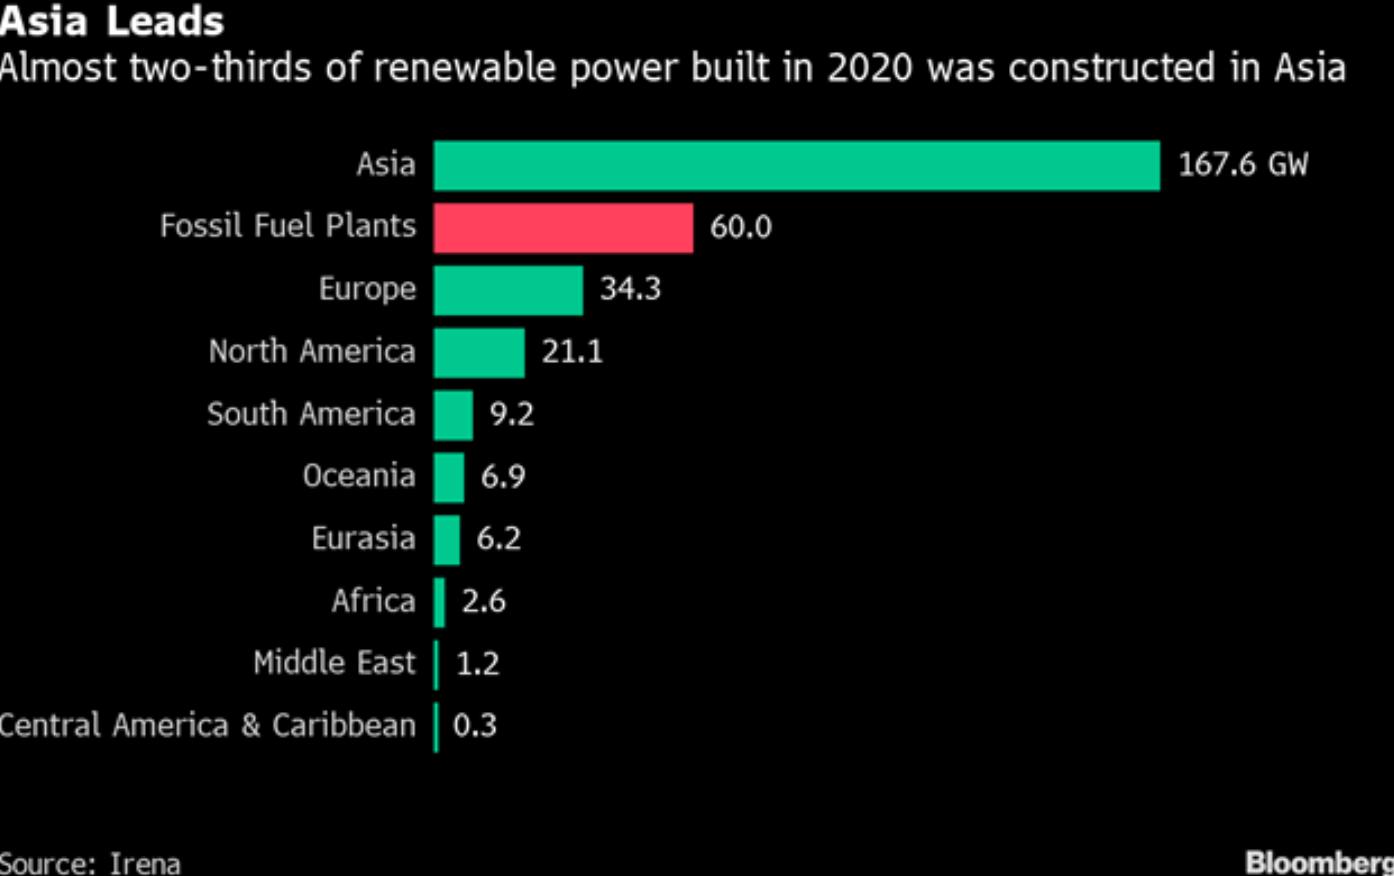 เกิดอะไรขึ้นกับสถานการณ์วิกฤตพลังงานในจีน